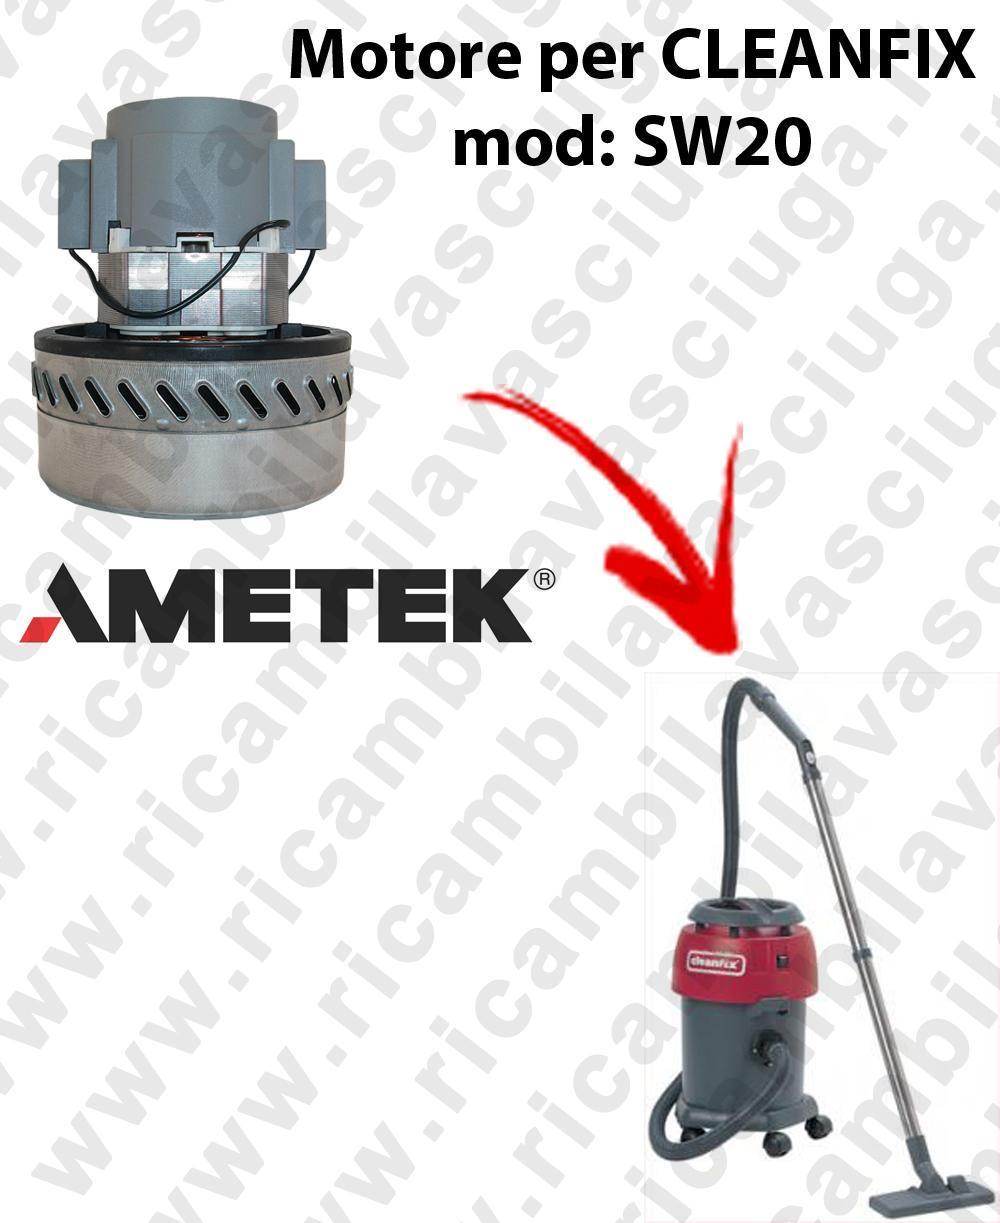 SW20 Saugmotor Ametek für Staubsauger und trockensauger CLEANFIX